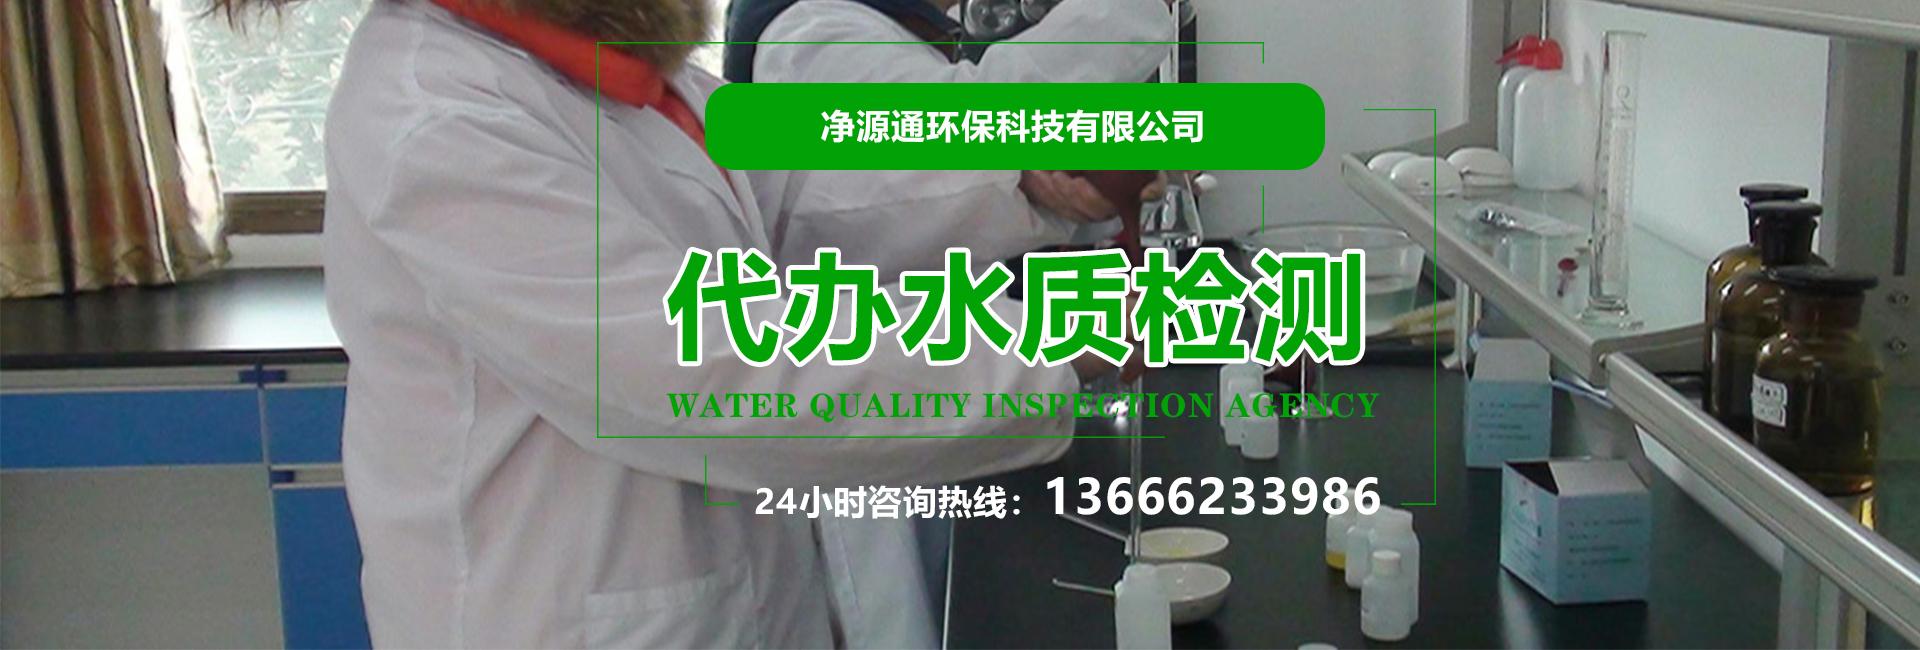 水箱清洗公司